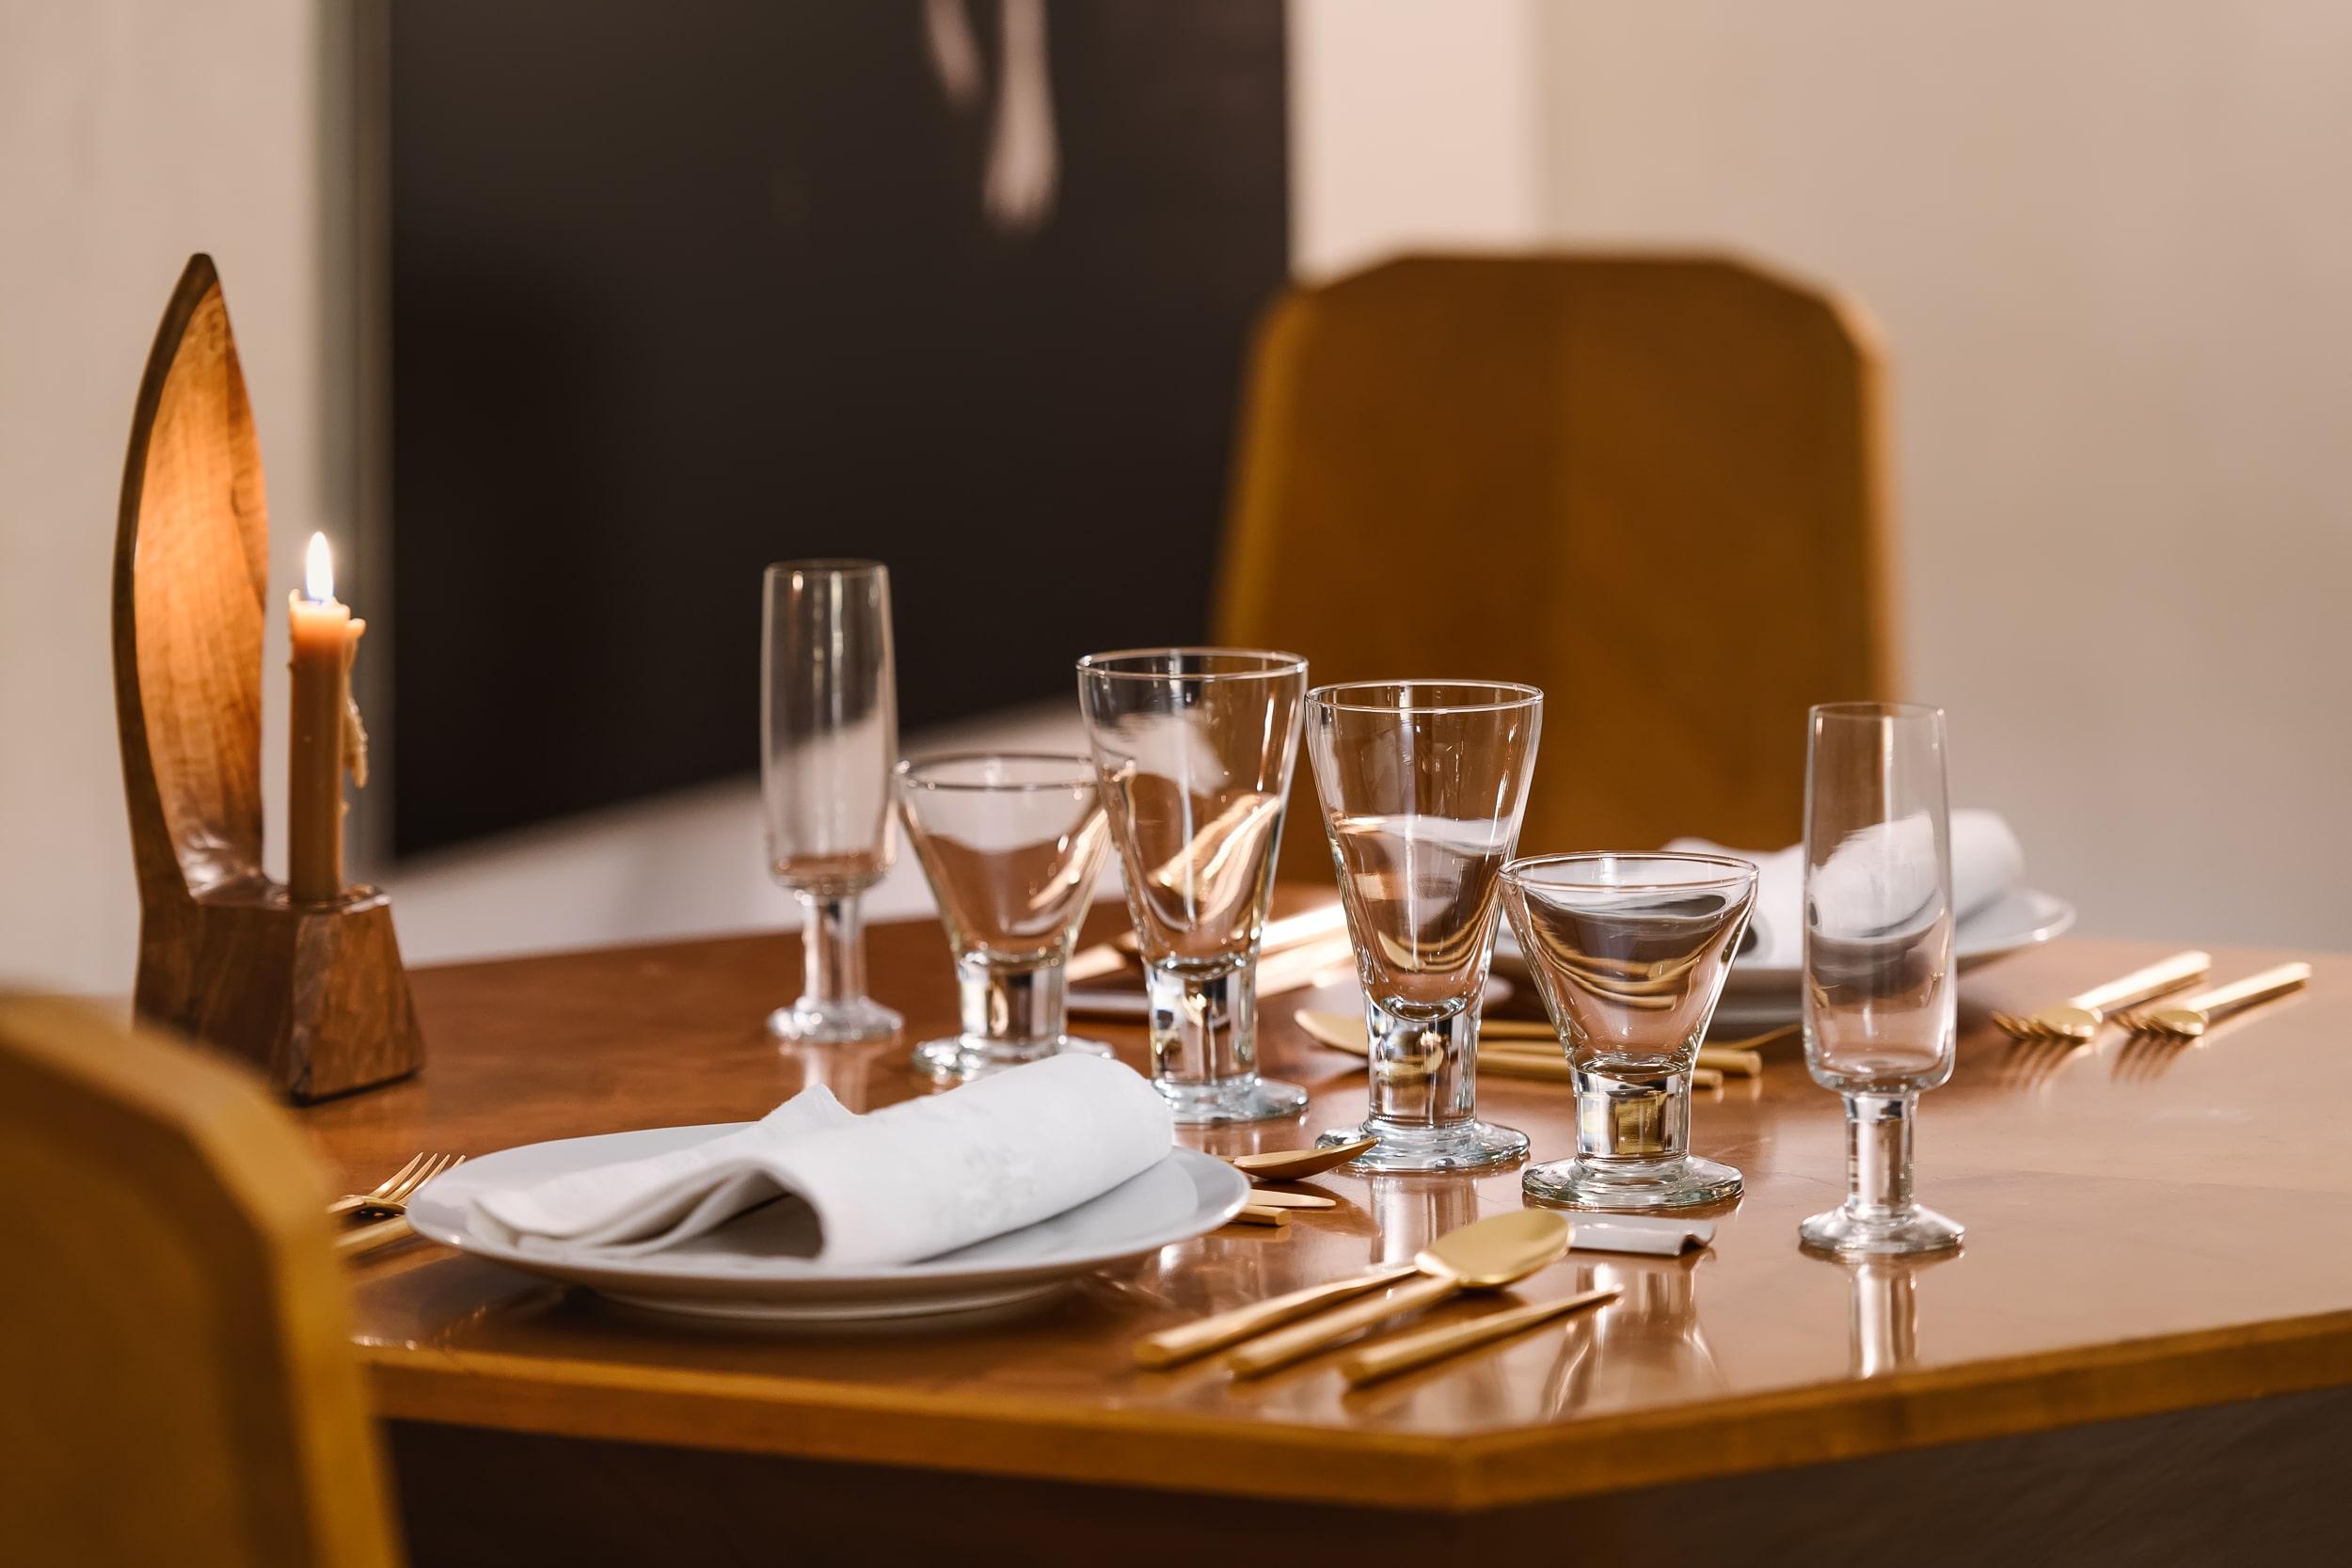 Dá Licença - Experiences - Cubism Room - Table